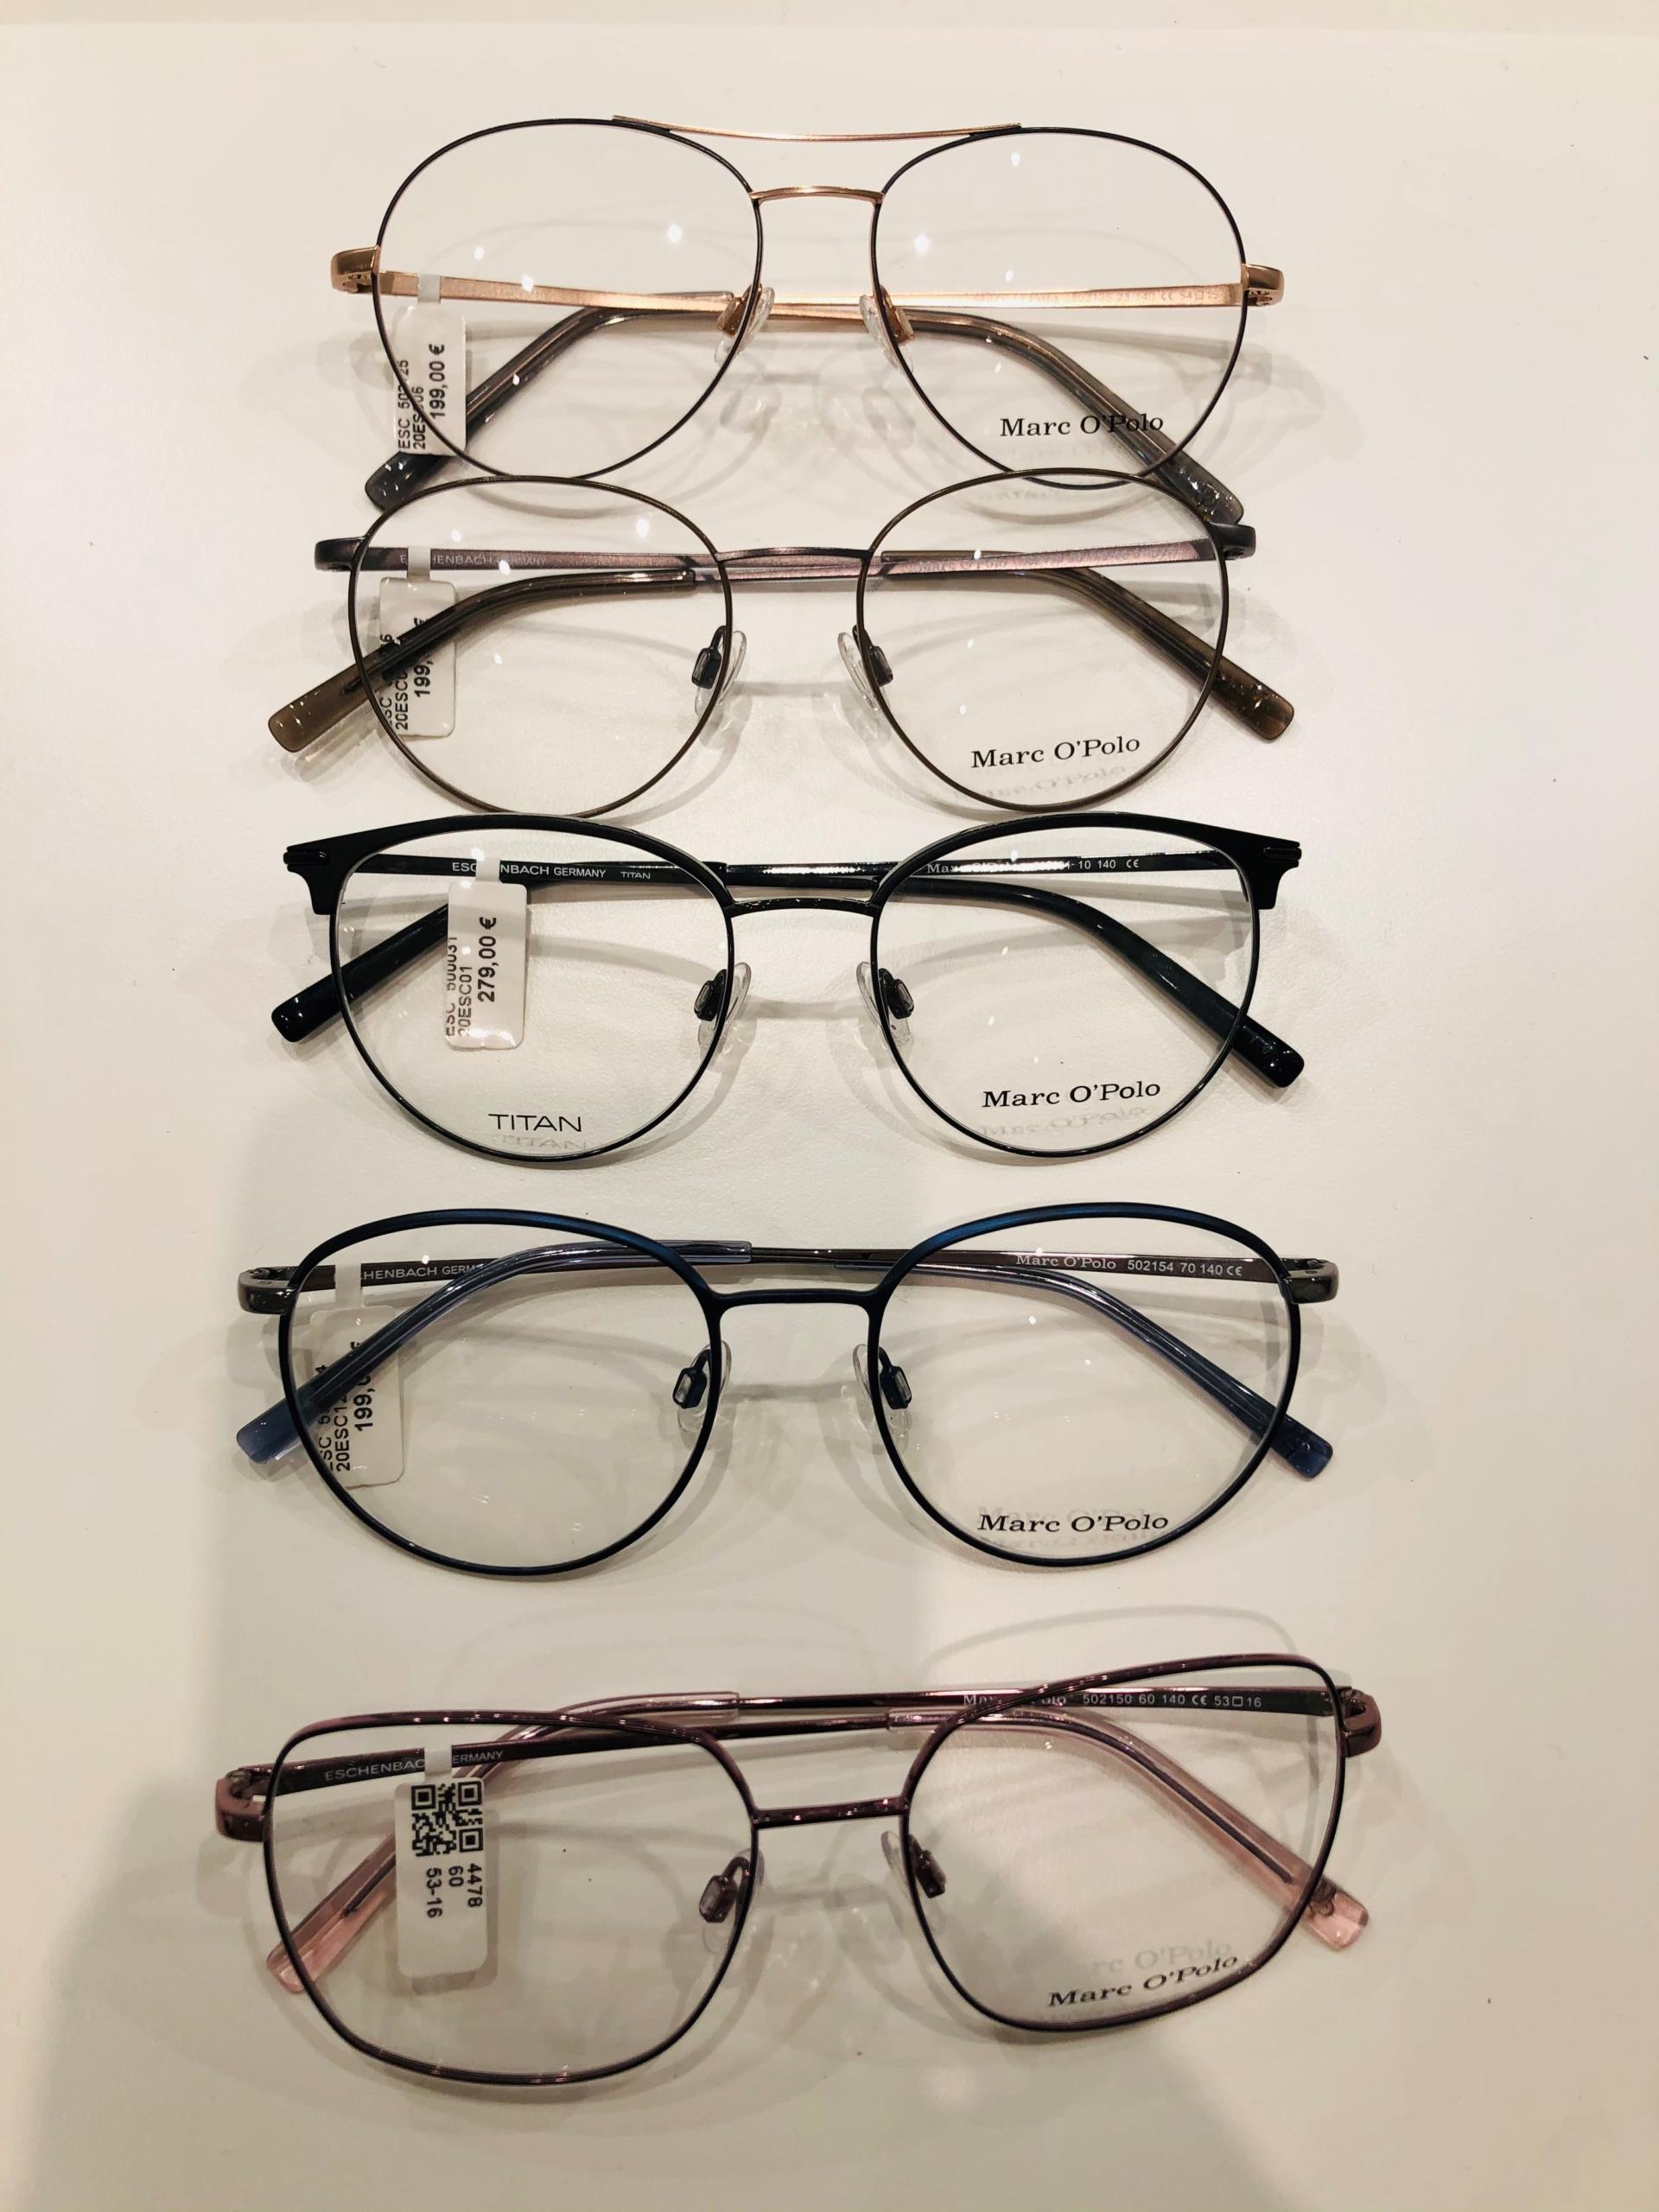 4_Schaufenster online_03012021_Optiker Augensache Brille Kontaktlinse Friedberg_ESCADA_MARC OPOLO